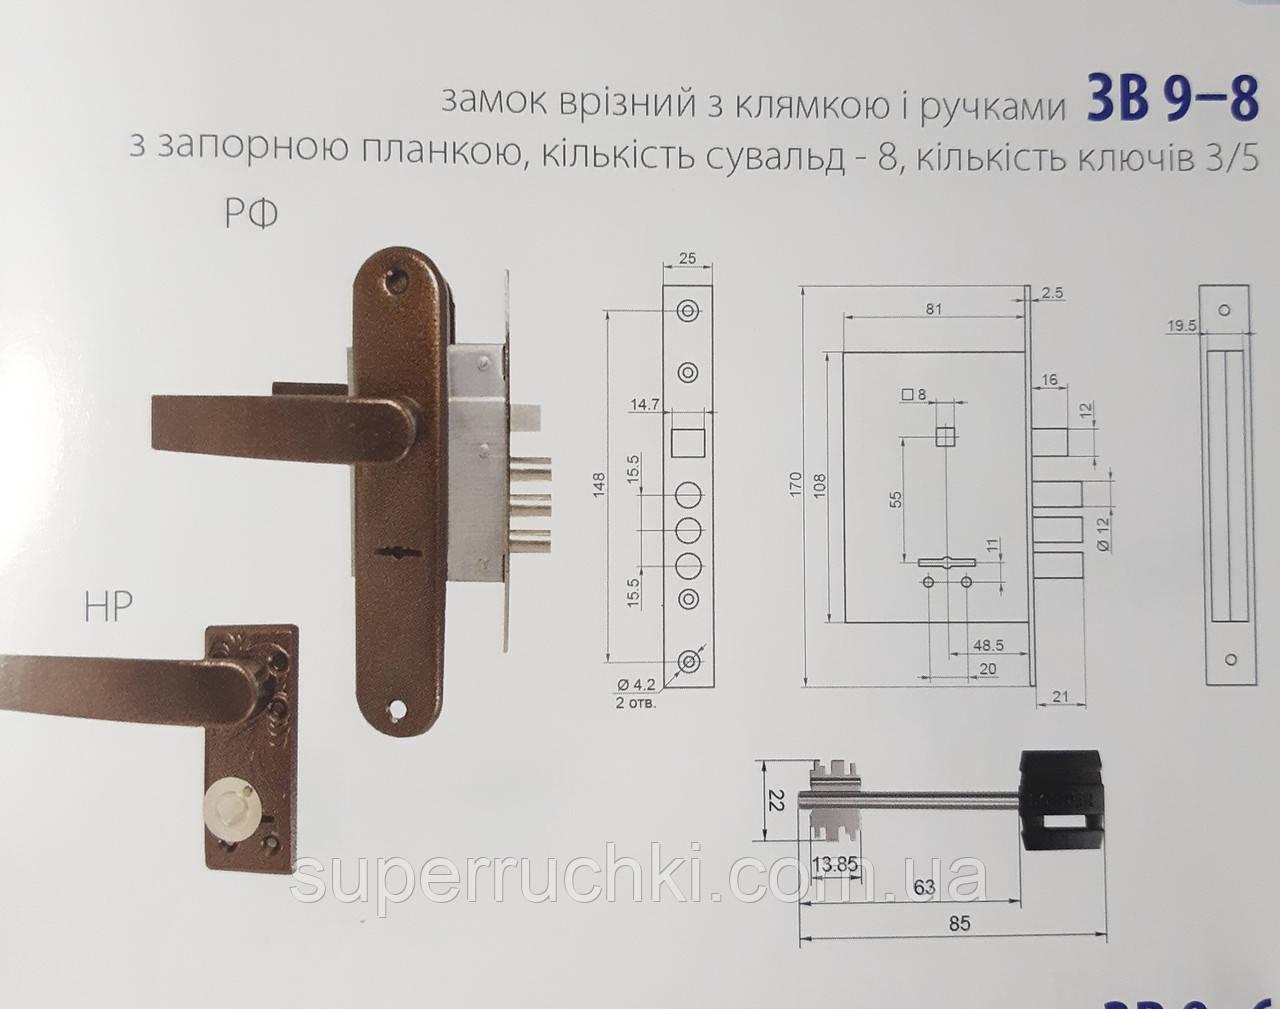 Замок врезной сувальдный САМ ЗВ 9-8 с ручками